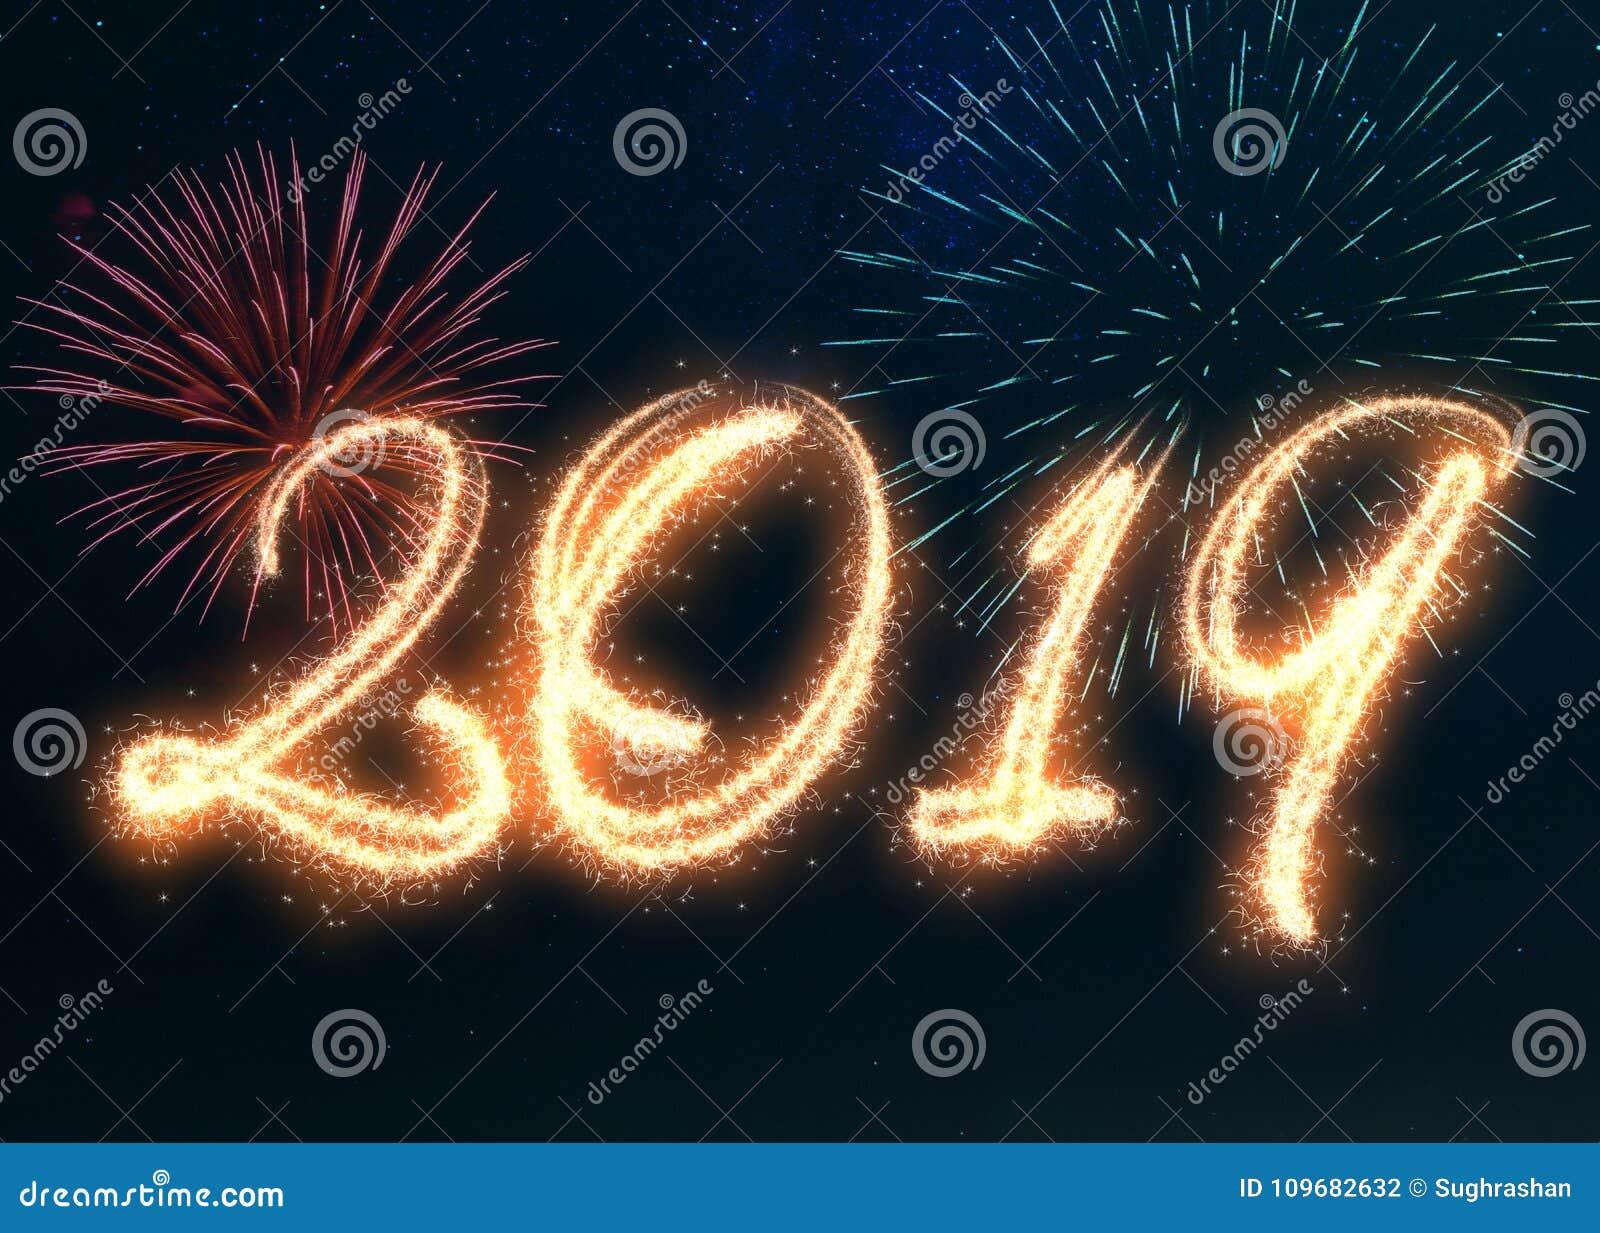 Fuegos Artificiales Chispeantes De La Feliz Ano Nuevo 2019 Stock De